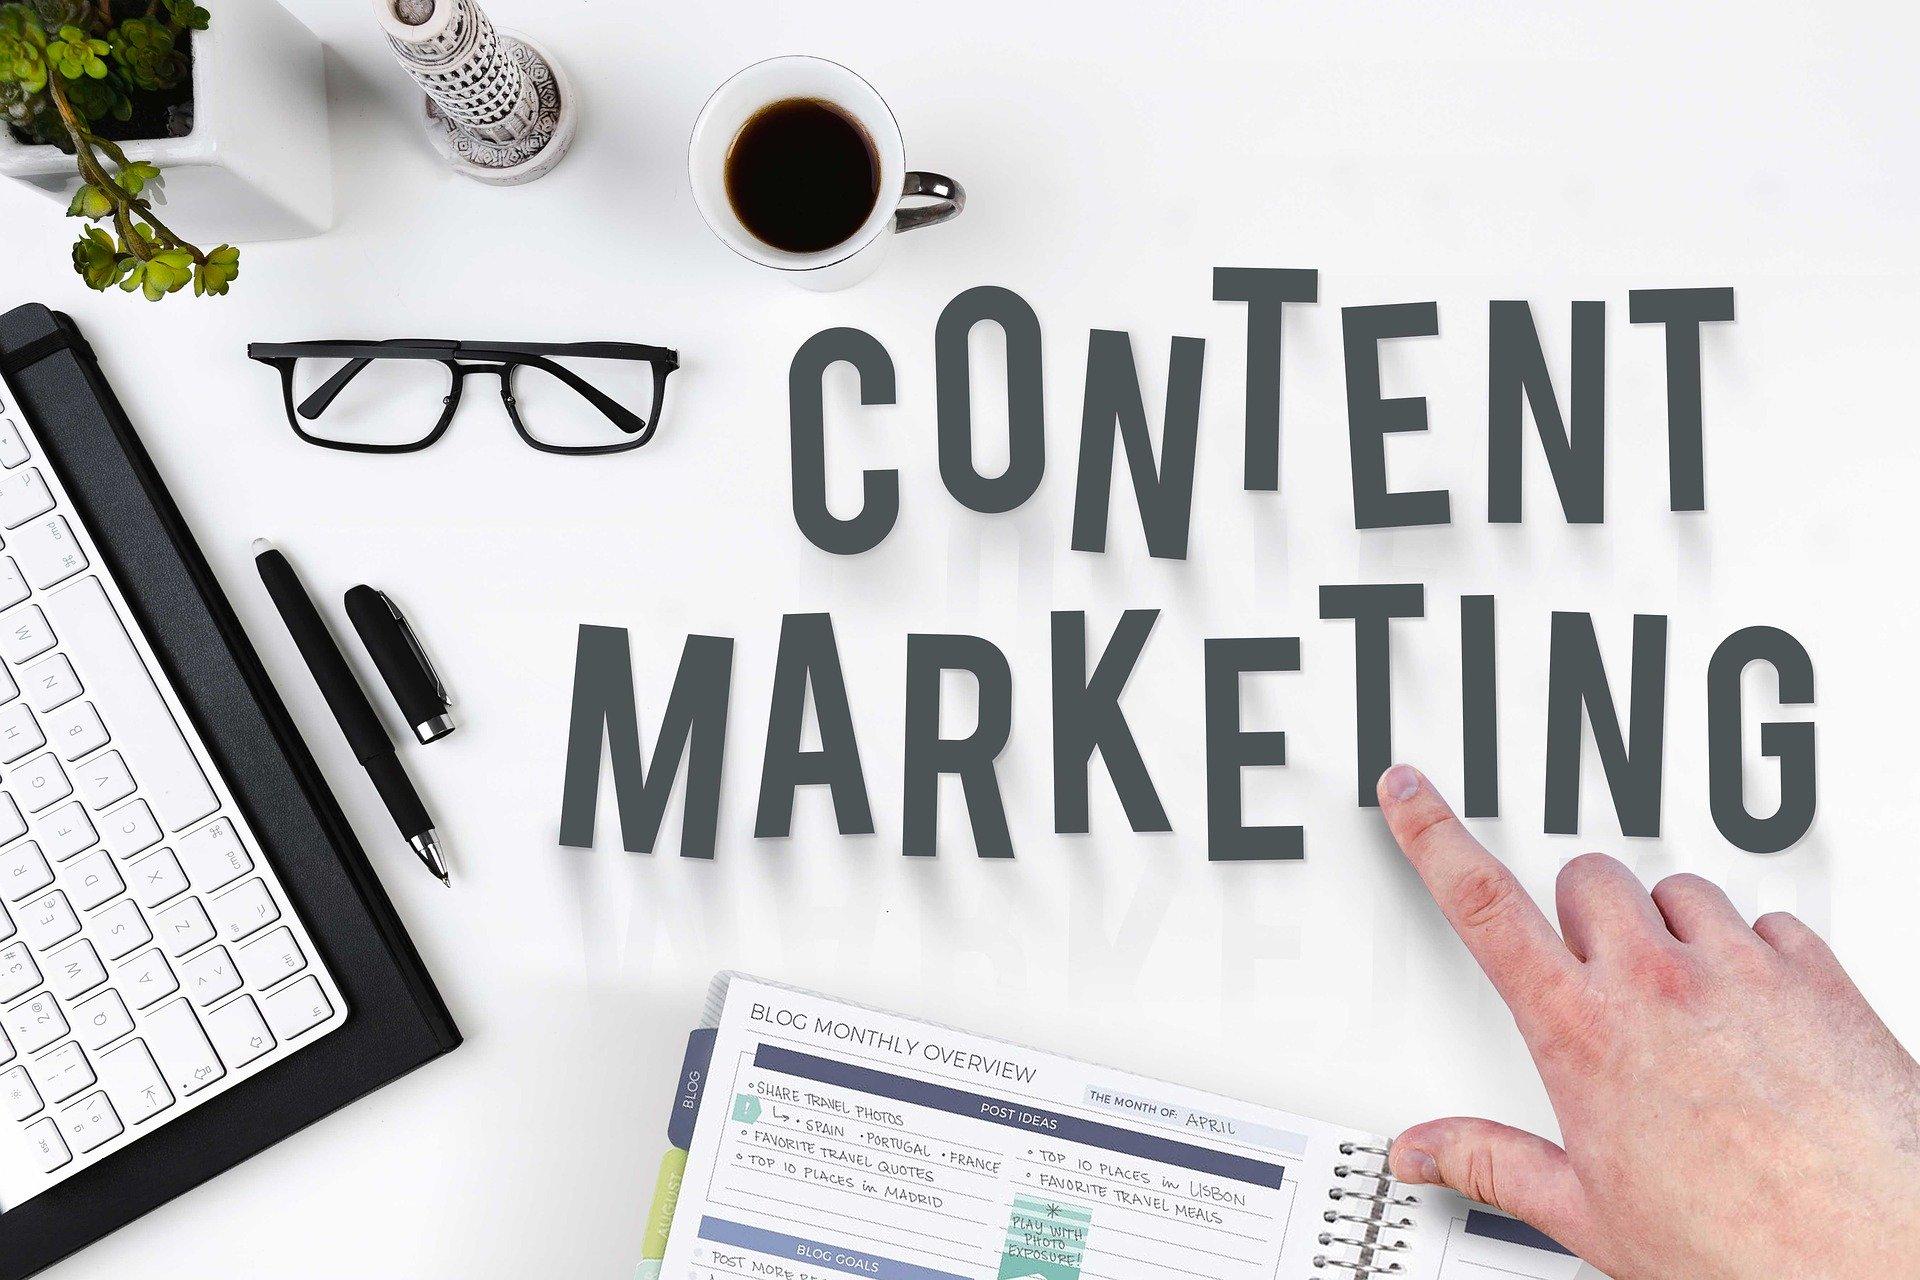 Tuyển Dụng Nhân Viên Content Marketing Tại Hà Nội - Tokuyo.com.vn